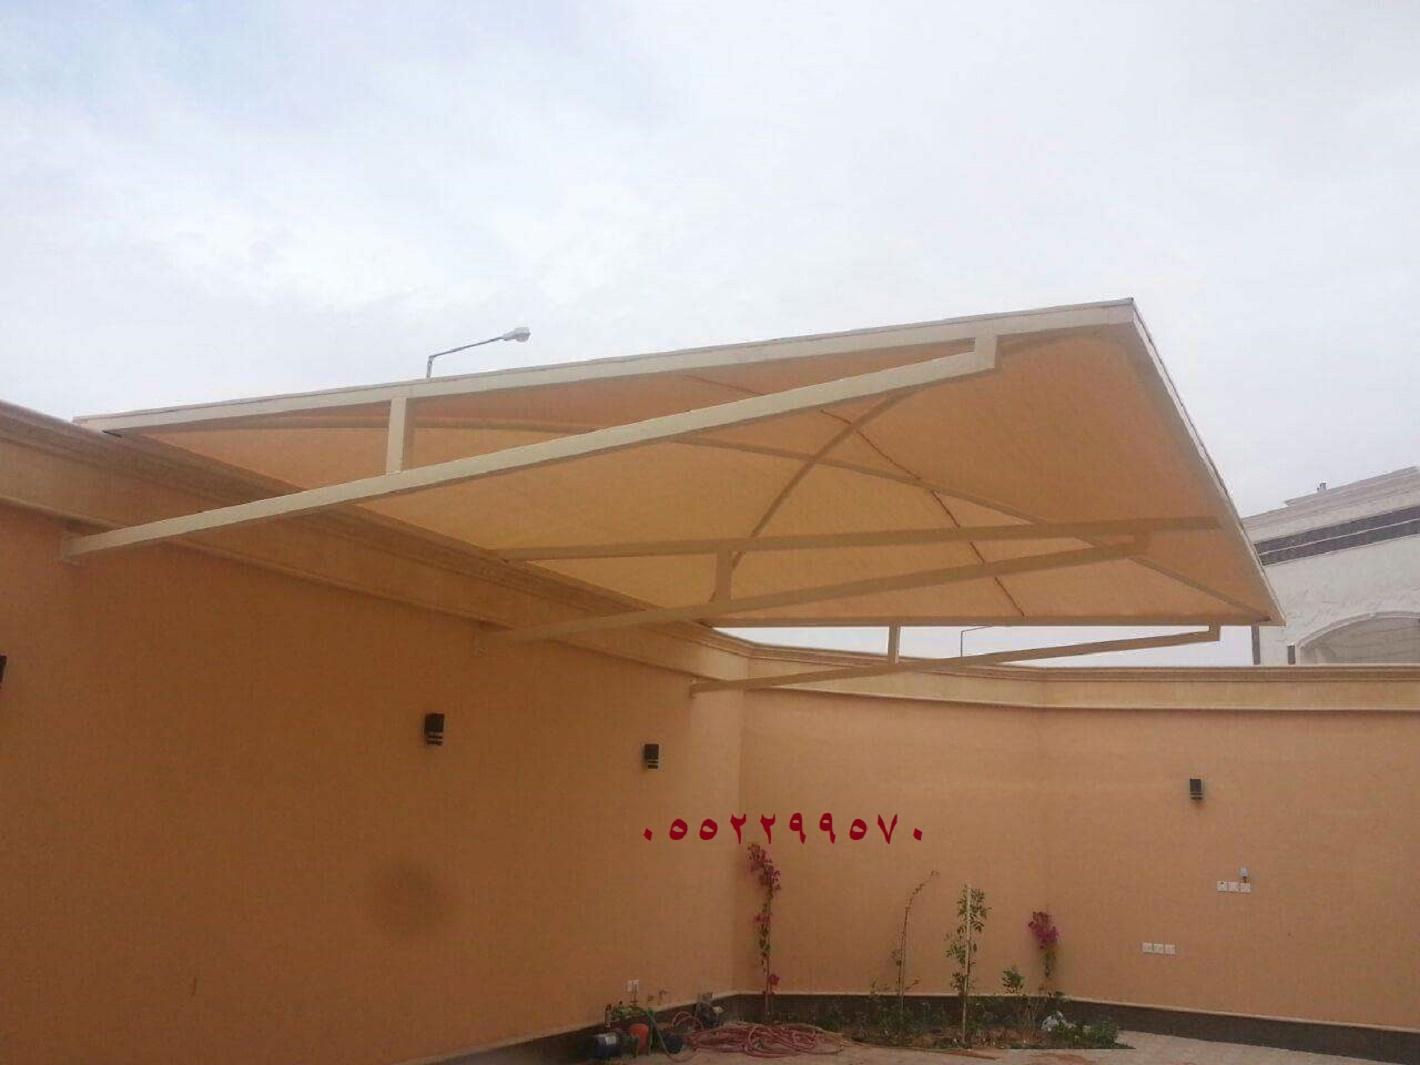 مظلات مدارس السعوديه,سواتر ومظلات,مظلات